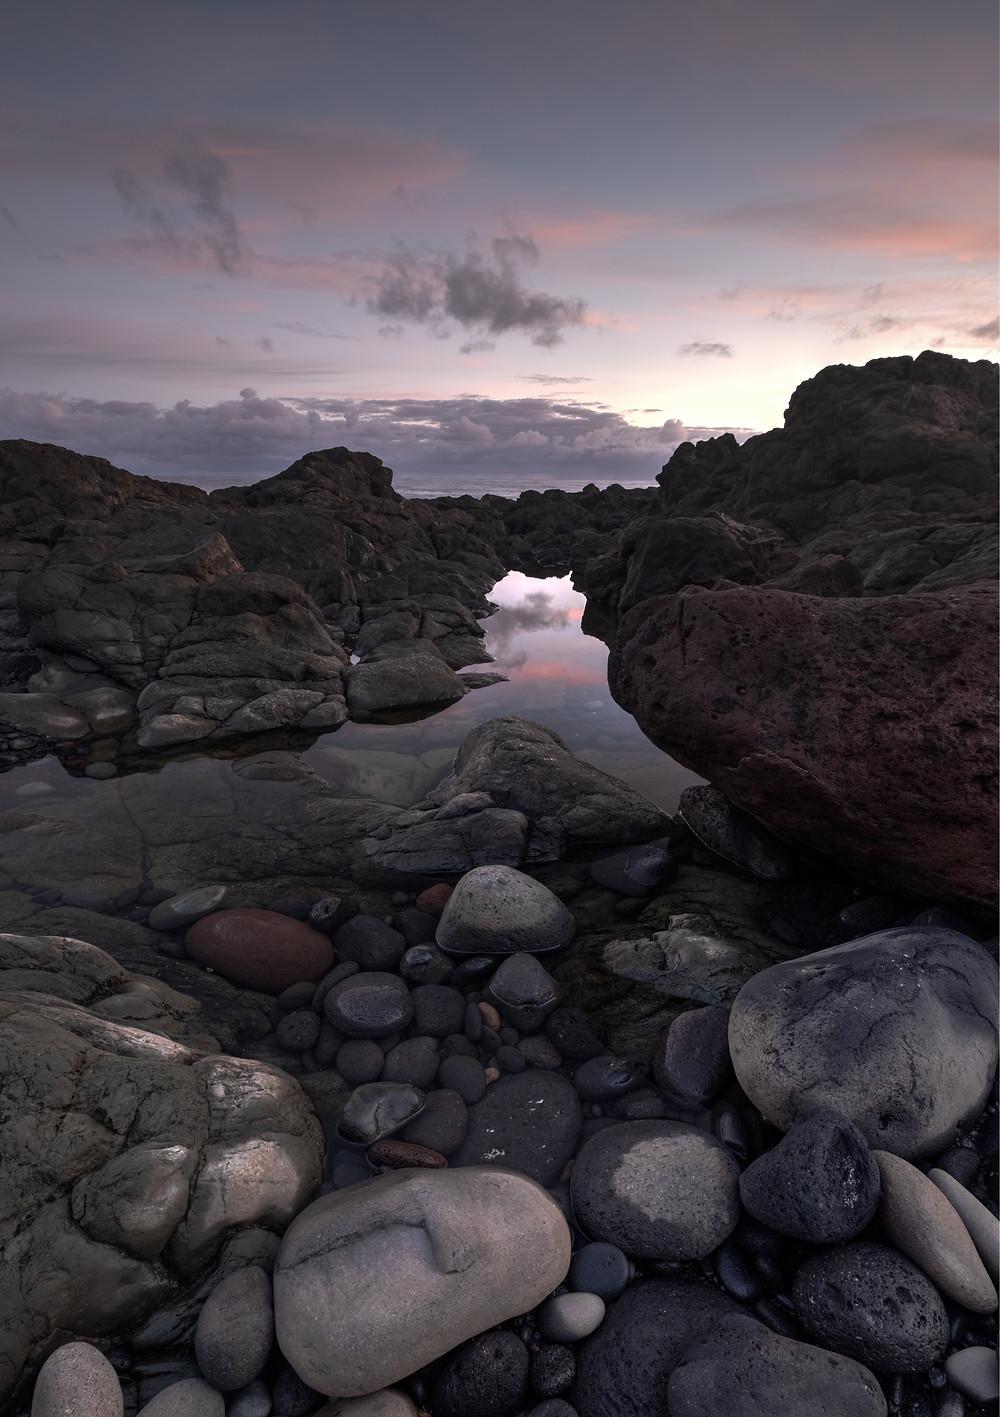 Fotografía en los alrededores a la playa de Vagabundos en Santa María de Guía, litoral del norte de Gran Canaria